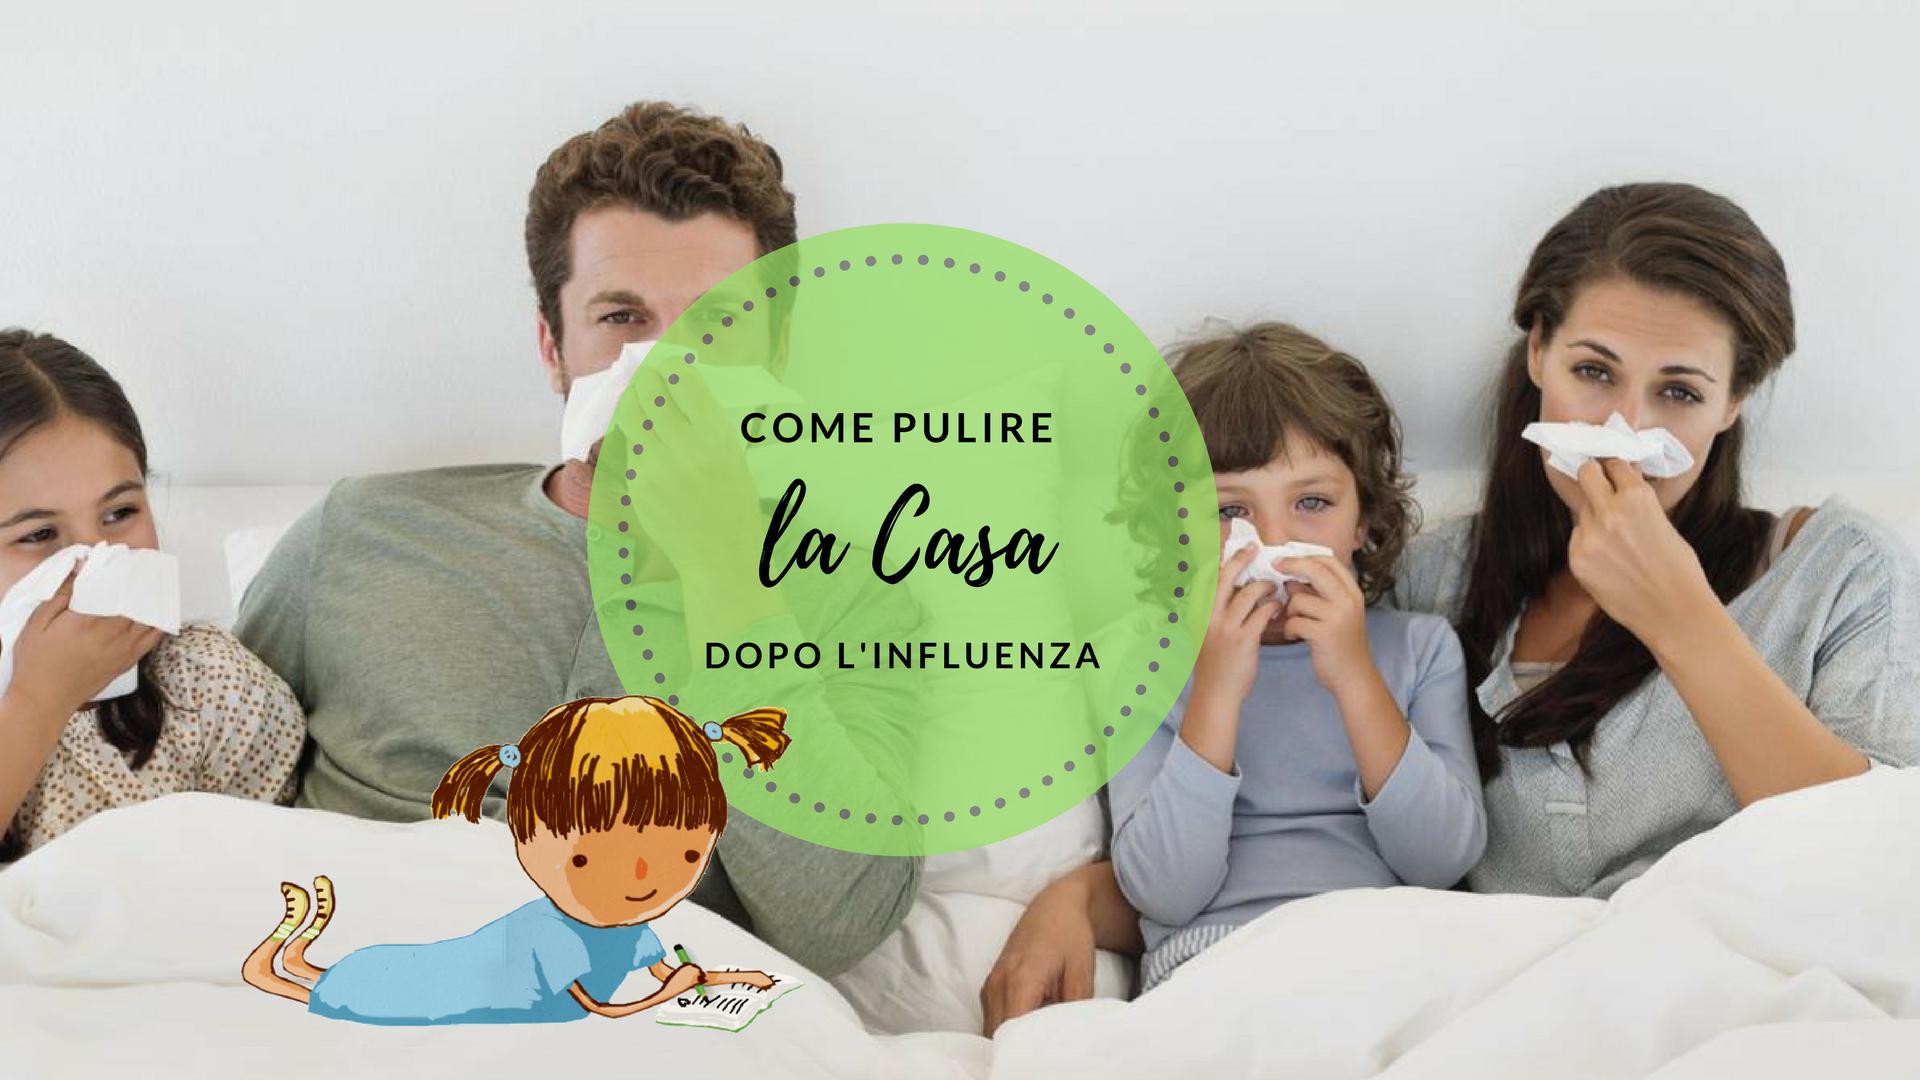 Come Pulire Il Divano come pulire la casa dopo l'influenza per evitare il contagio